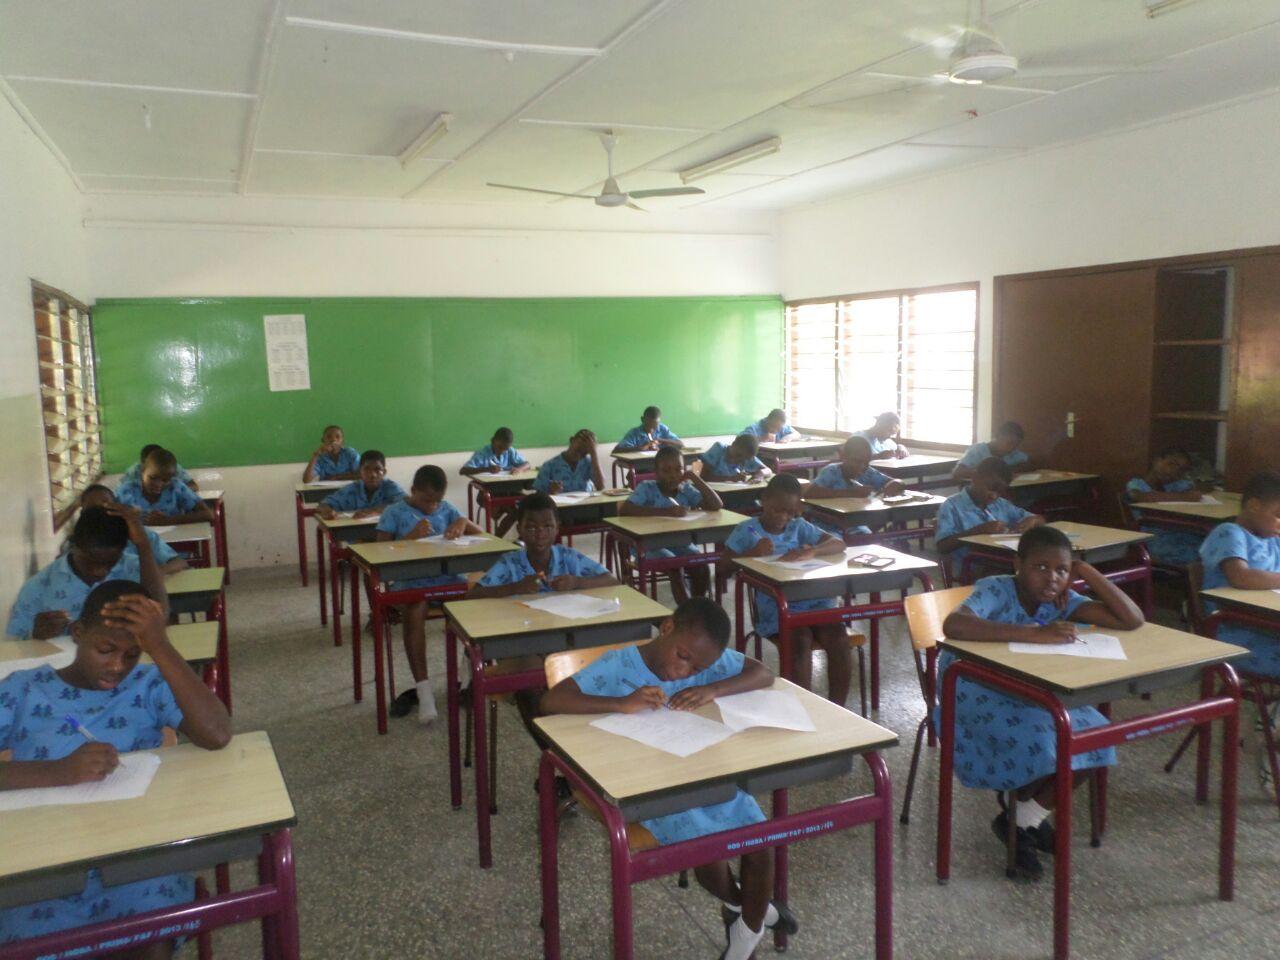 SOS Hermann Gmeiner School